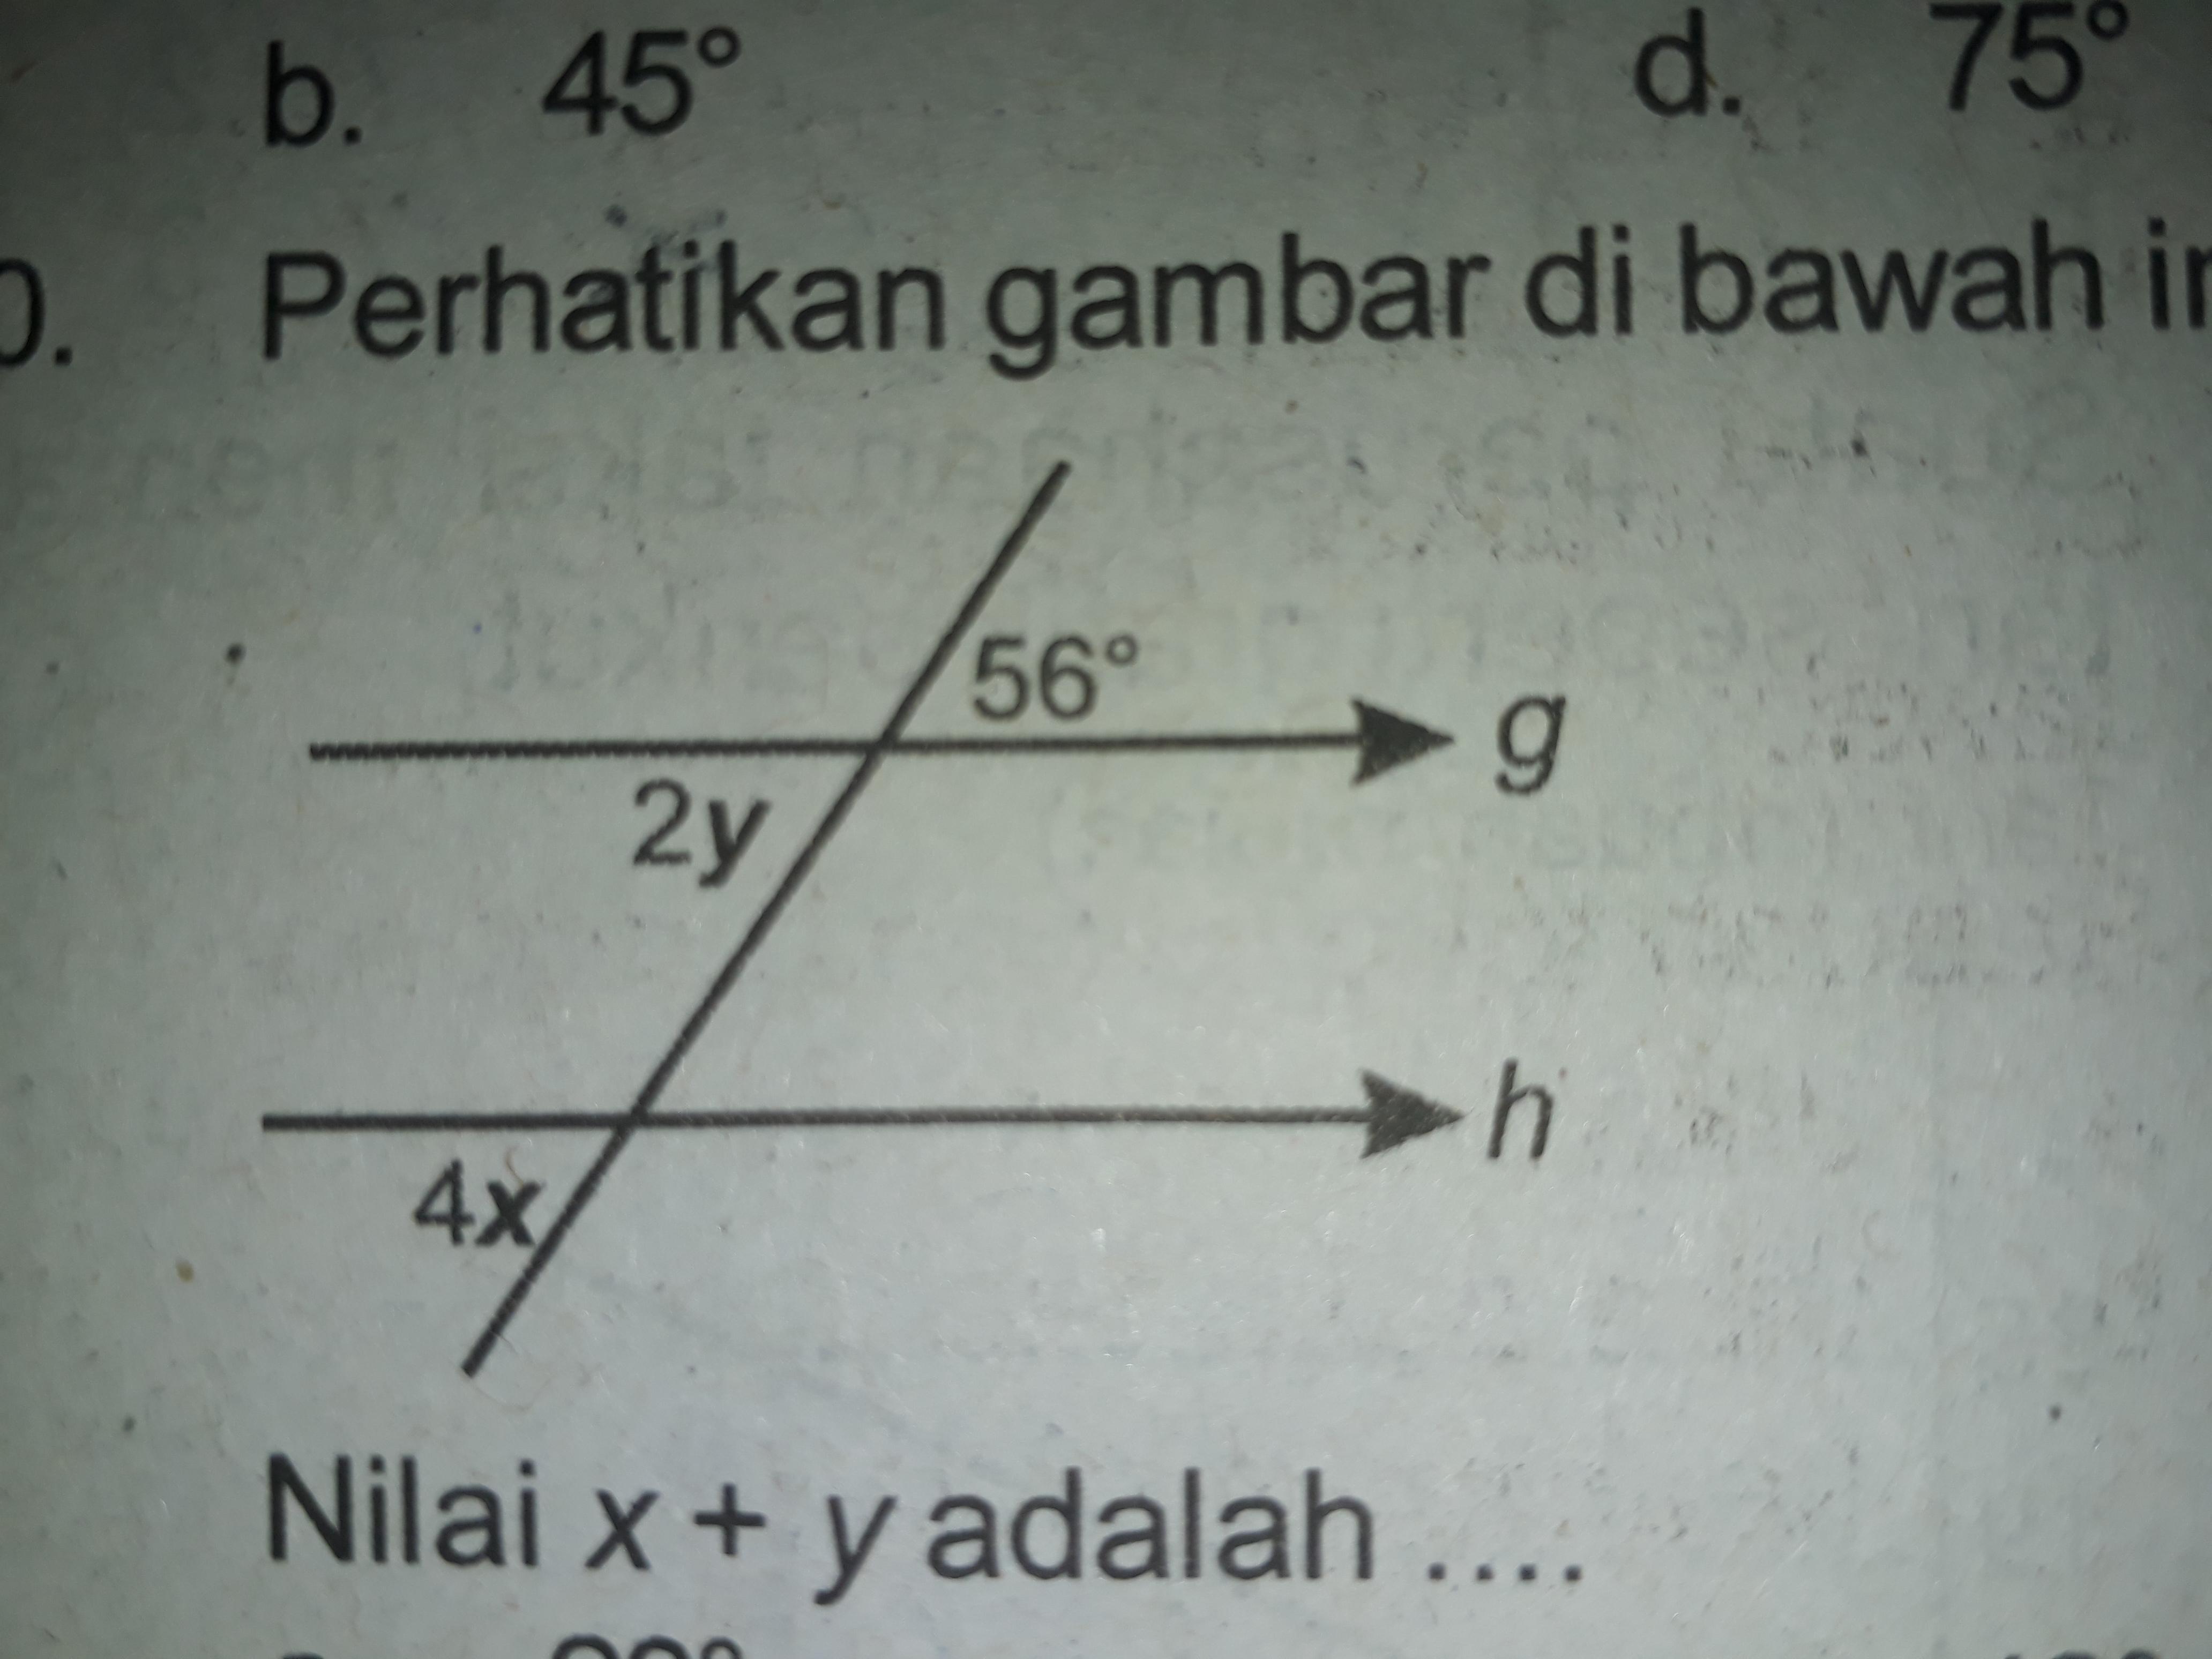 Perhatikan gambar di bawah ini Nilai x+y adalah - Brainly ...